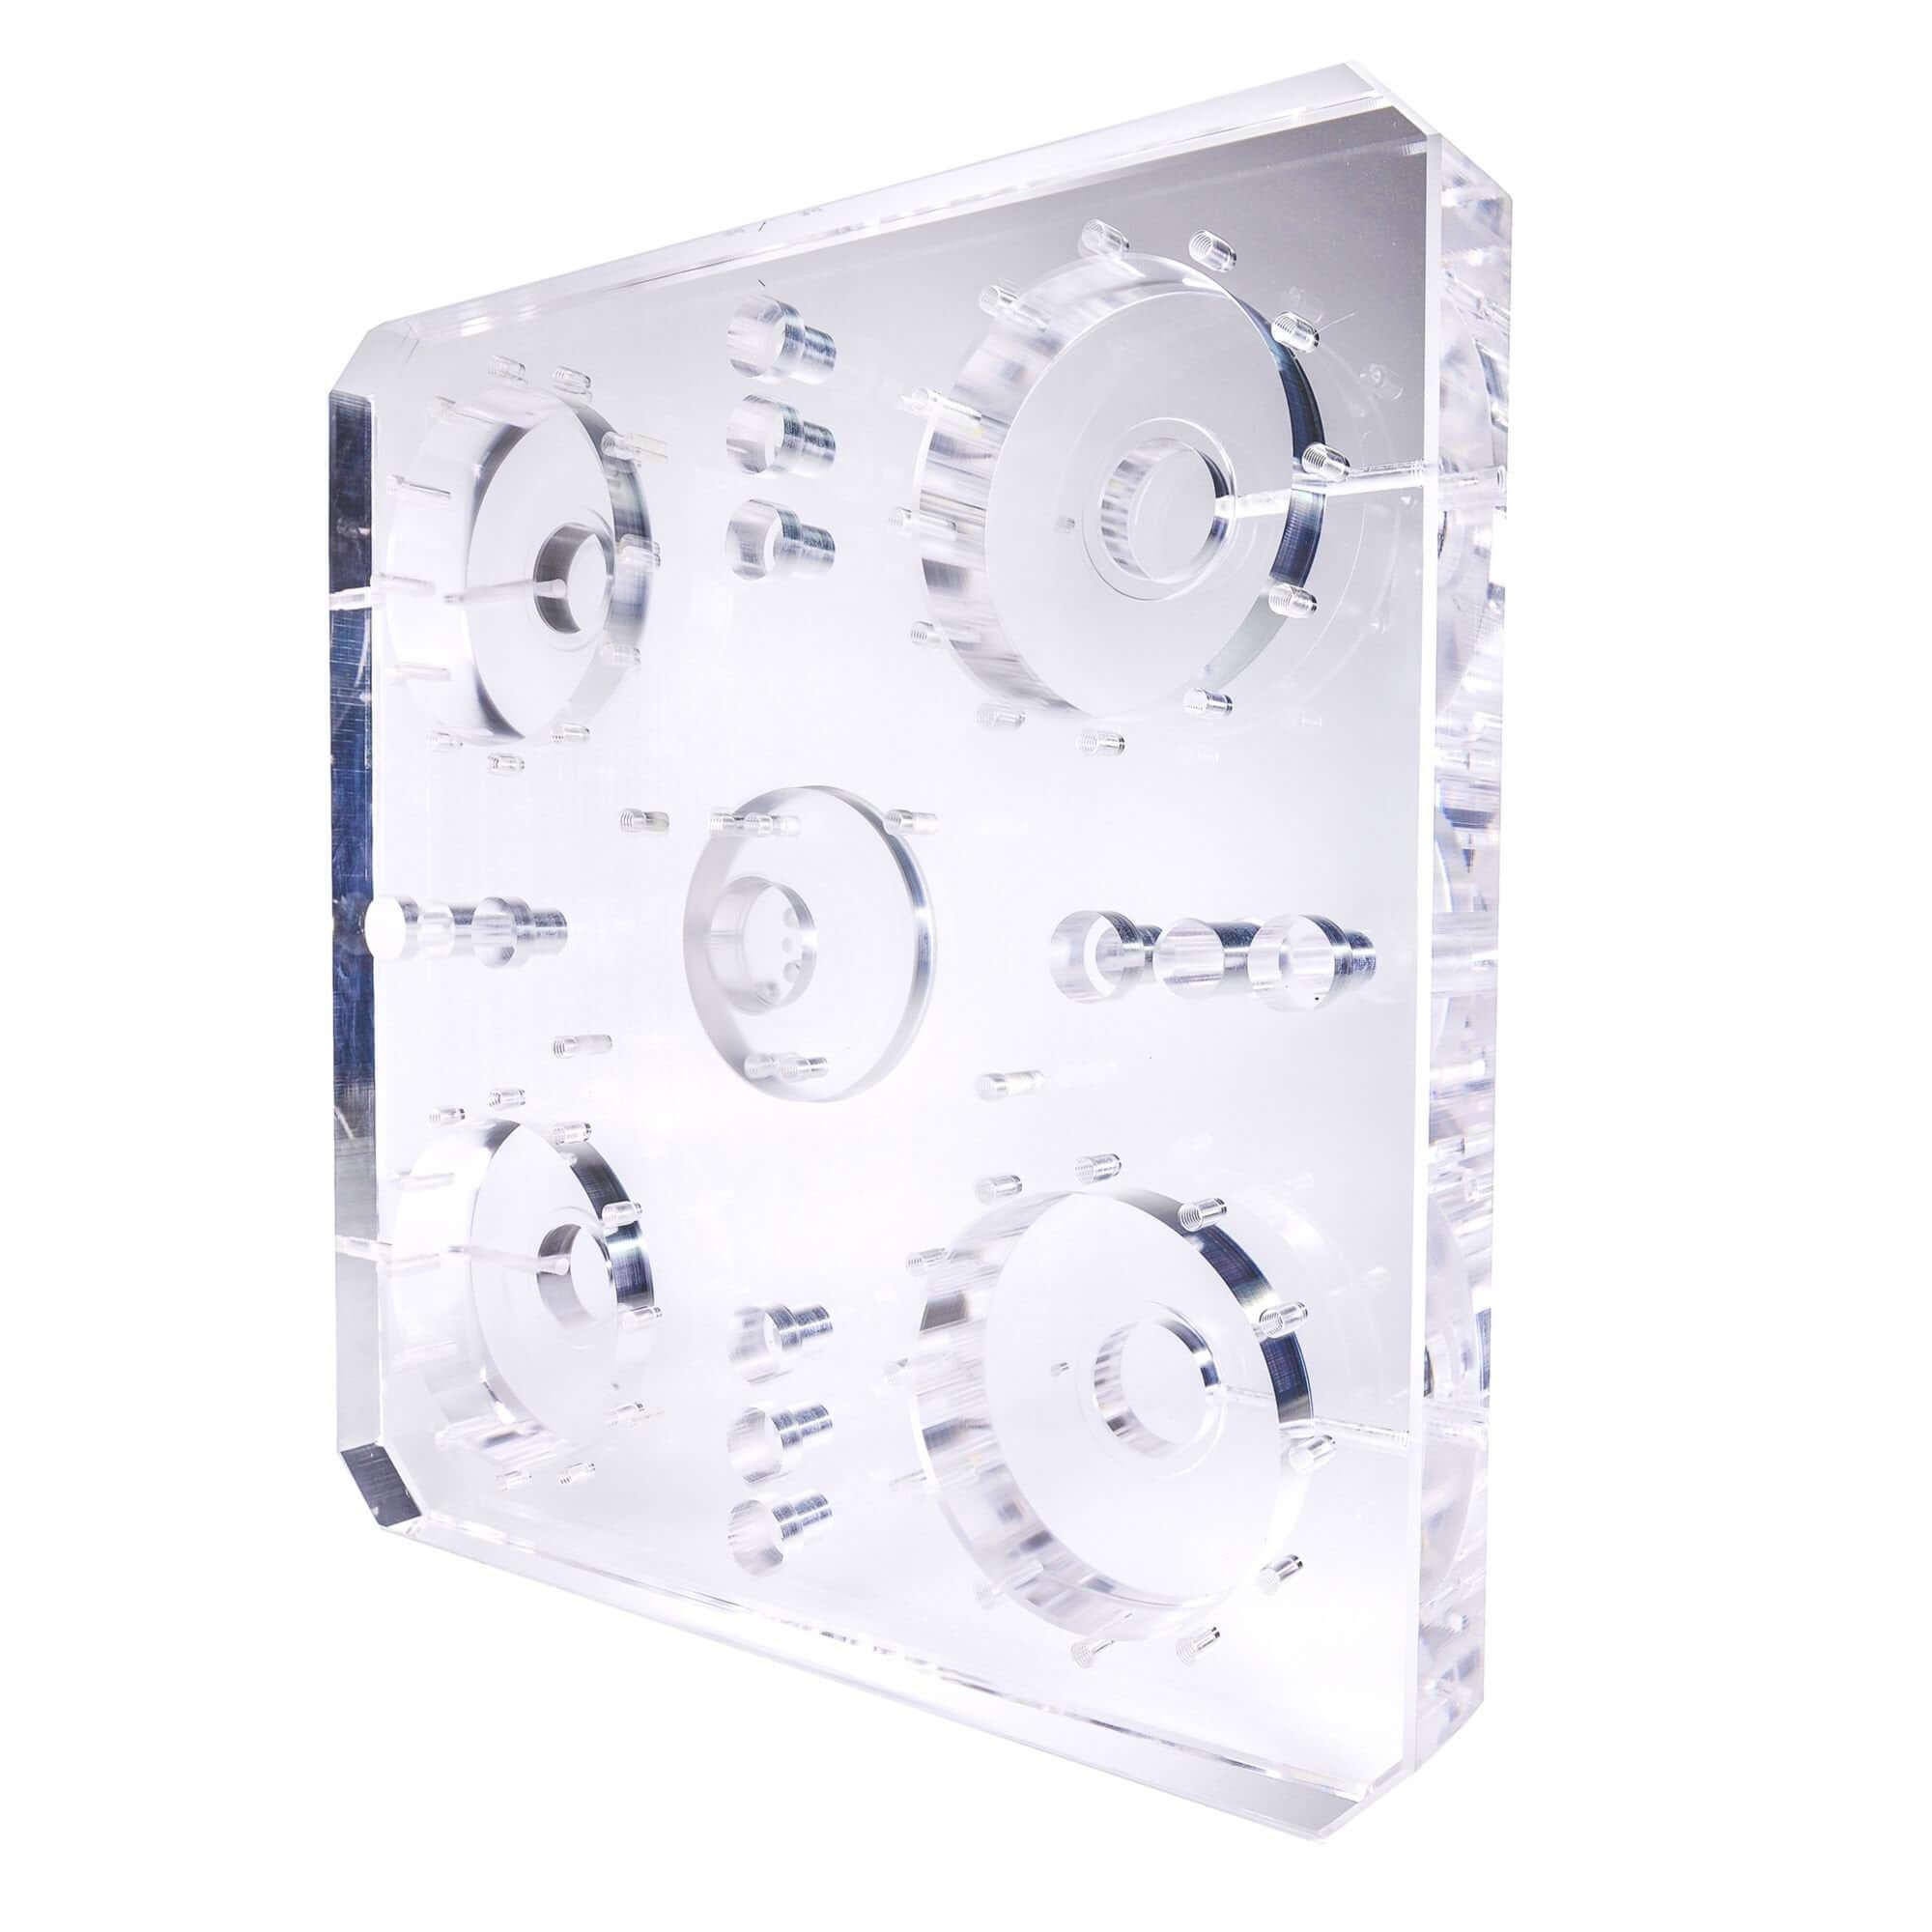 Plaque de base acryline en verre acrylique avec des alésages profonds pièces techniques forées profondément percés accessoires moulus de base partie acrylic production